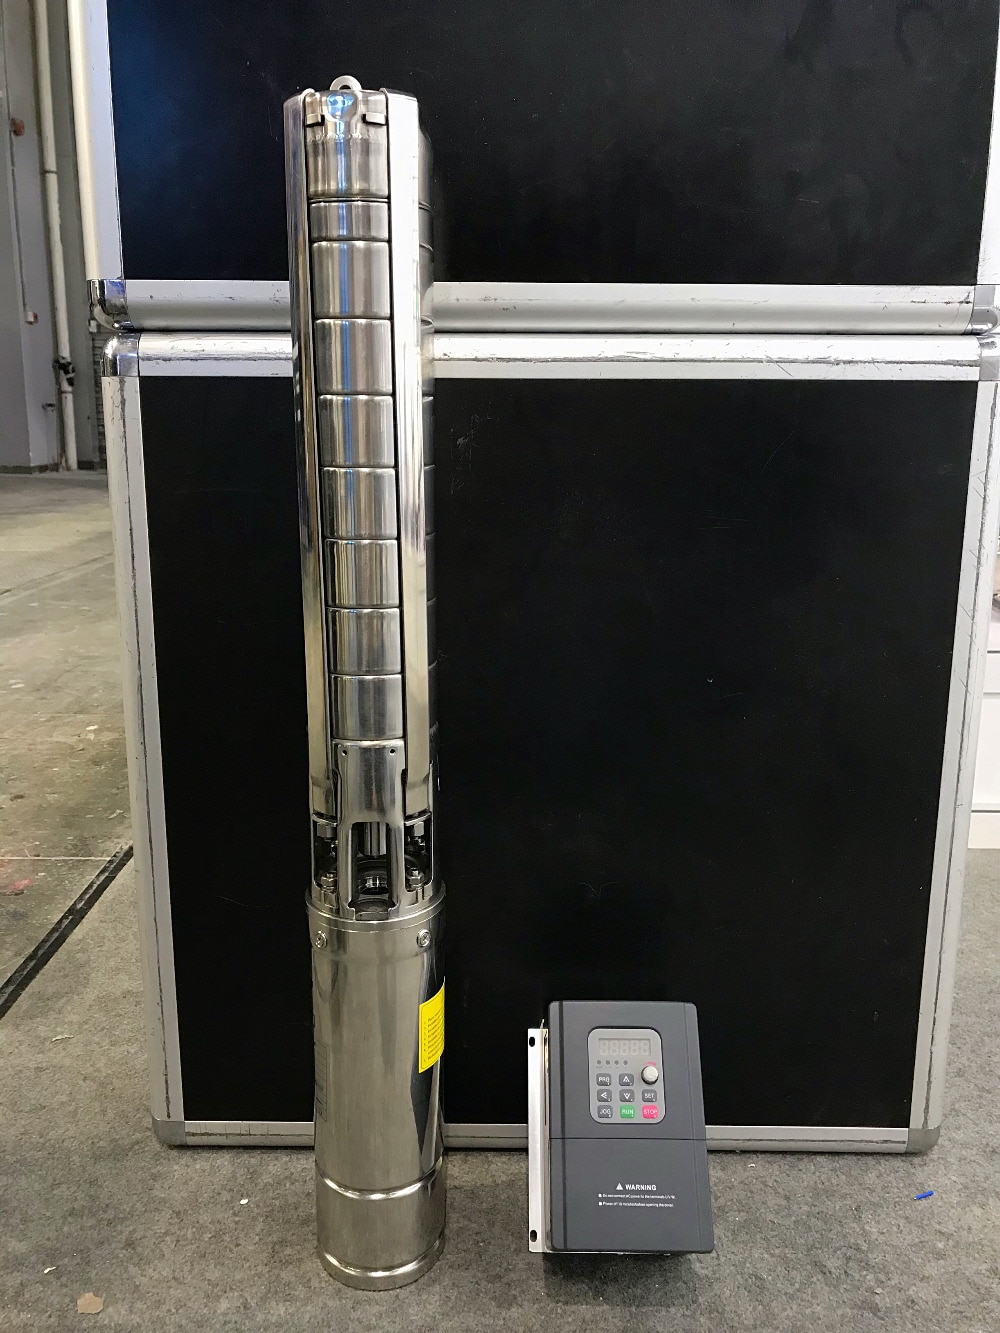 Bomba de motor síncrono de imán permanente solar bomba sumergible 7 T/h 115m bomba solar sumergible MPPT bomba de agua solar